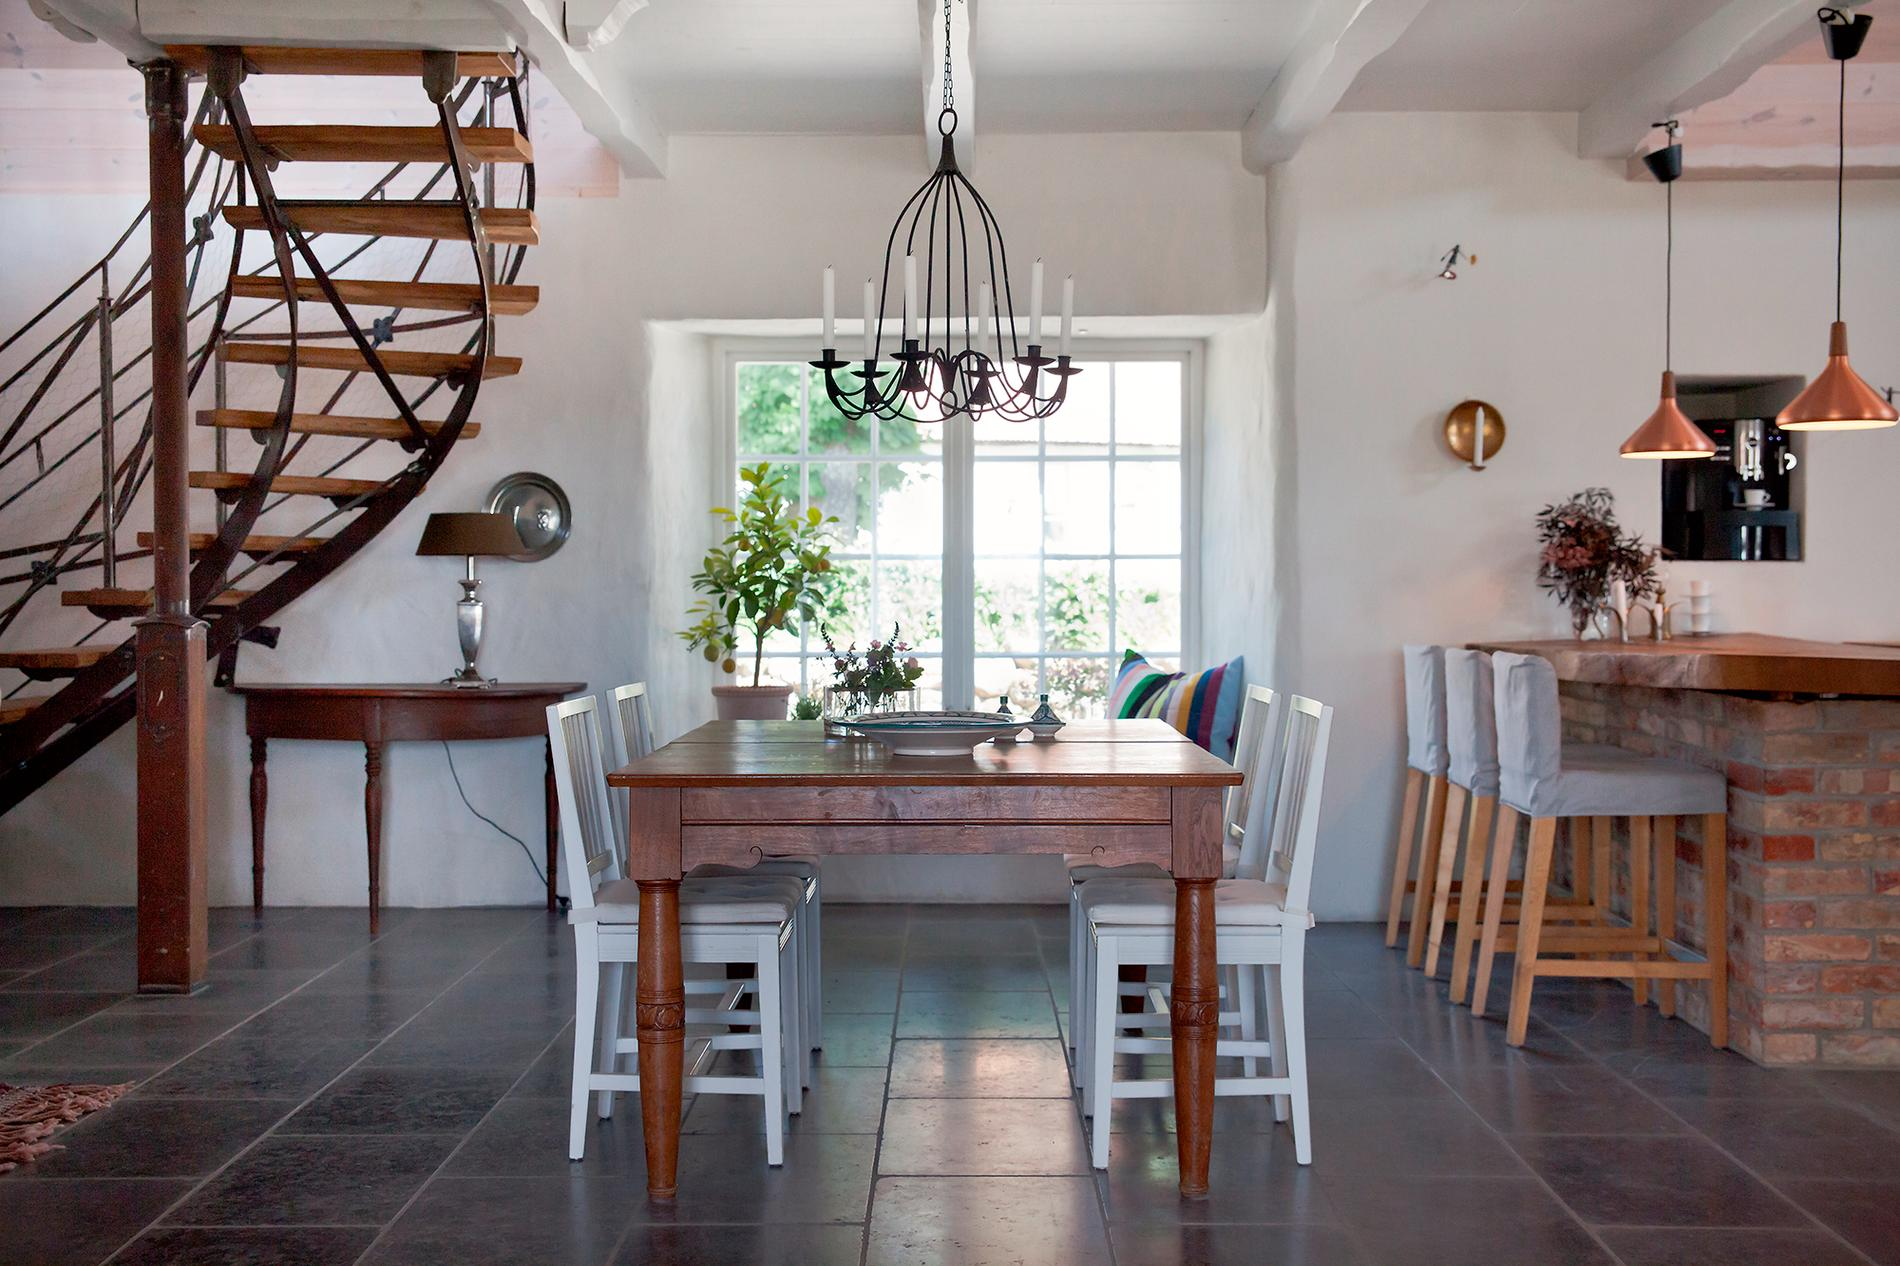 Matbordet kommer från Anders farmor och farfar och stolarna är köpta på Ikea.